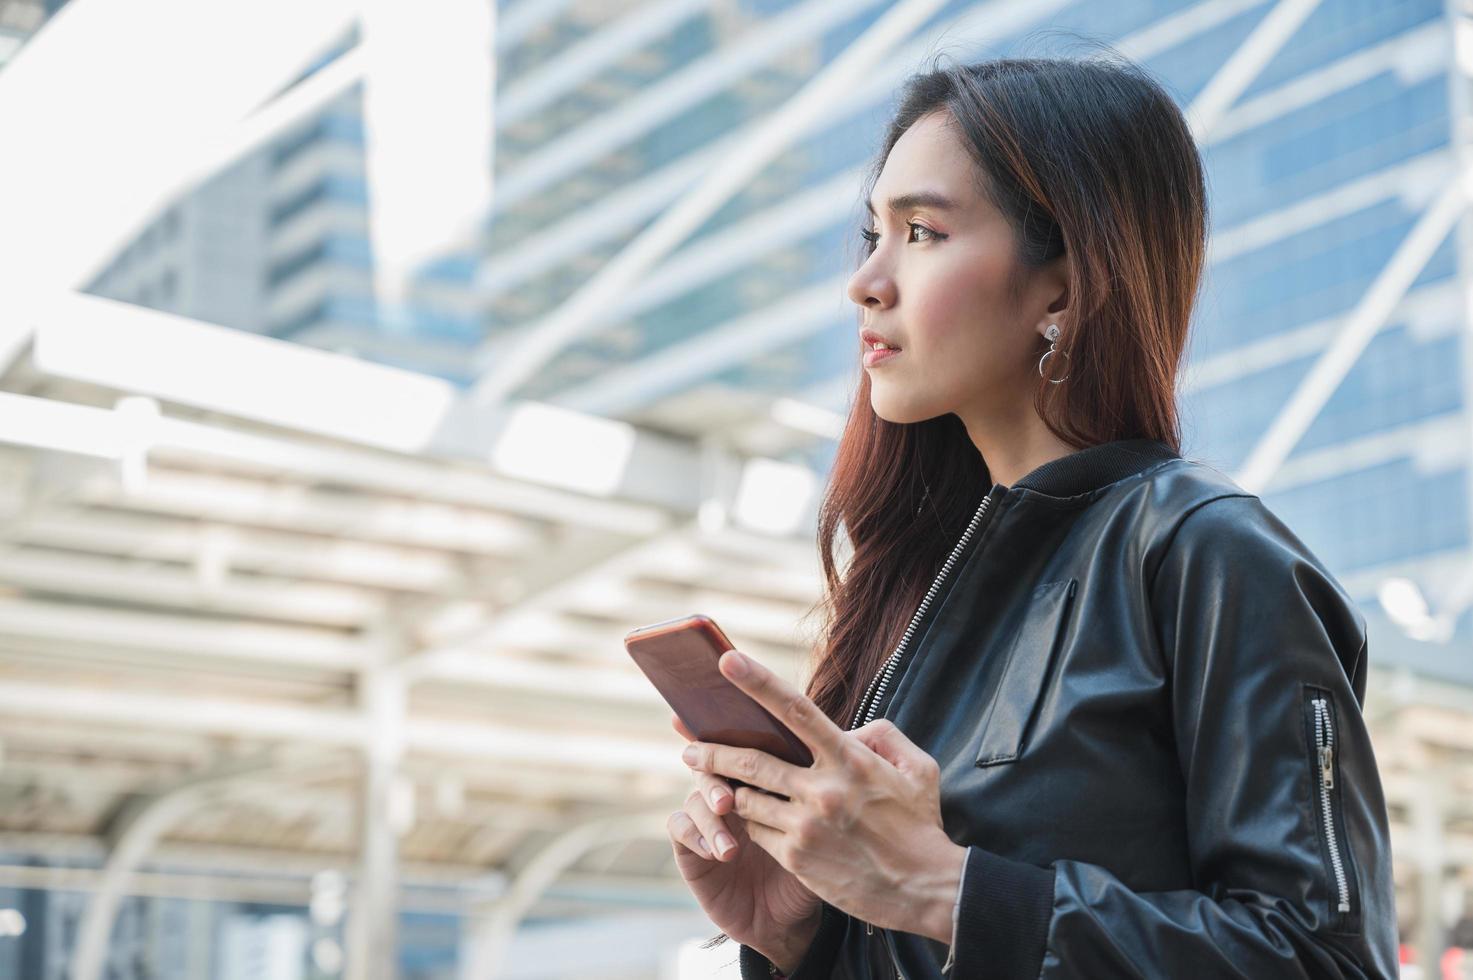 jeunes belles femmes asiatiques utilisant un smartphone. photo